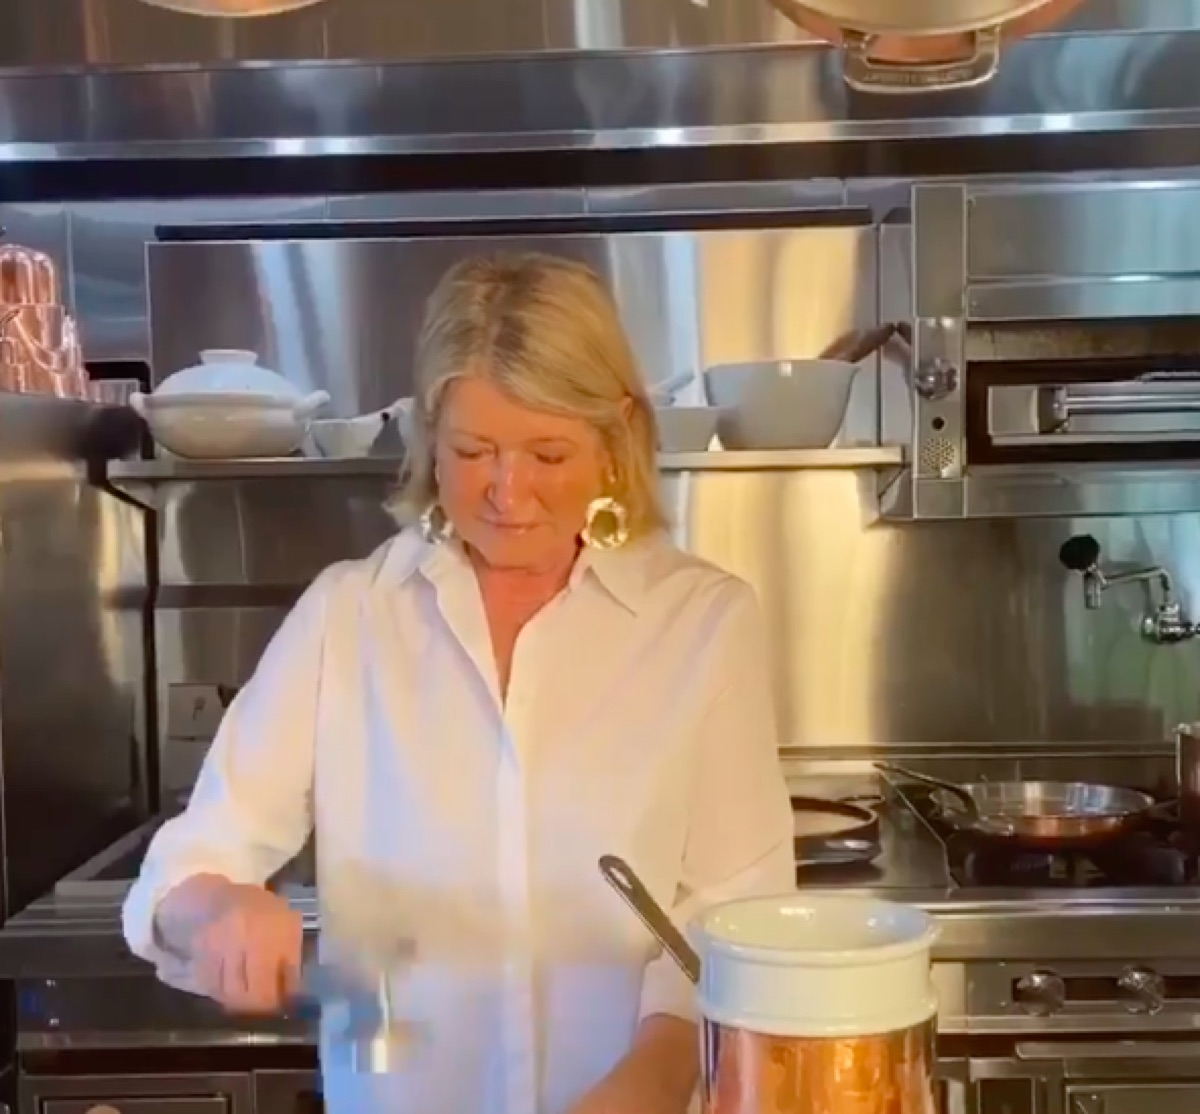 Martha Stewart preparing chicken